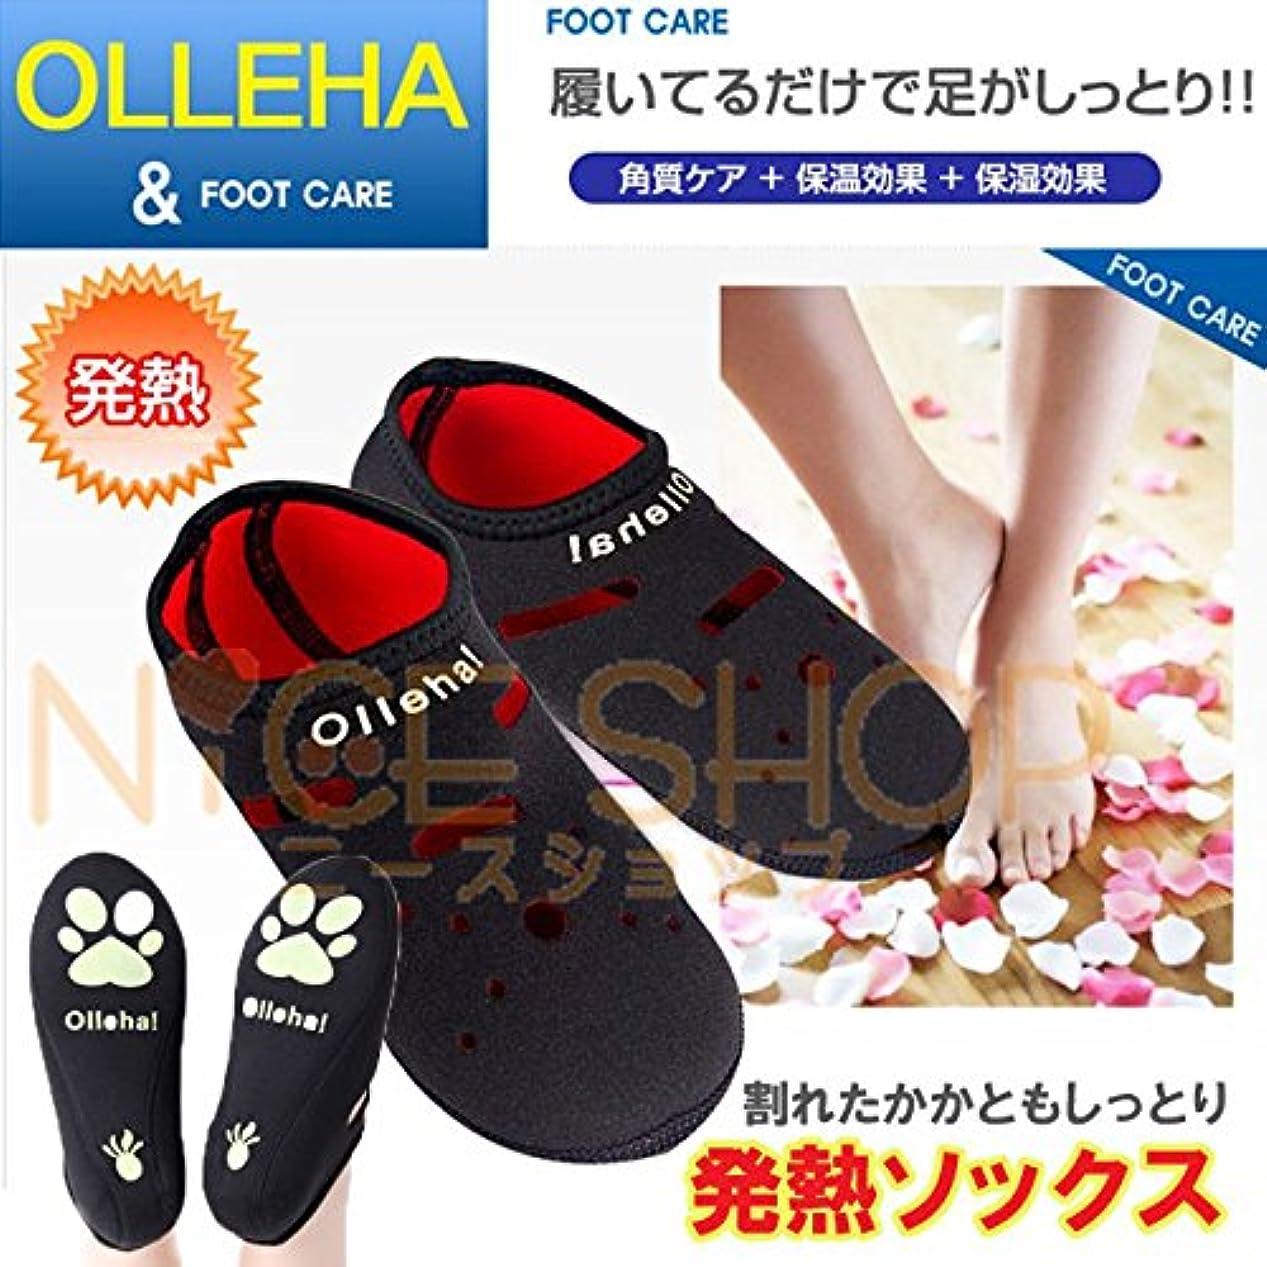 保護力強い論争の的発熱靴下(足袋)発熱ソックス、フットケアー Olleha! (M(23.5~24.0))